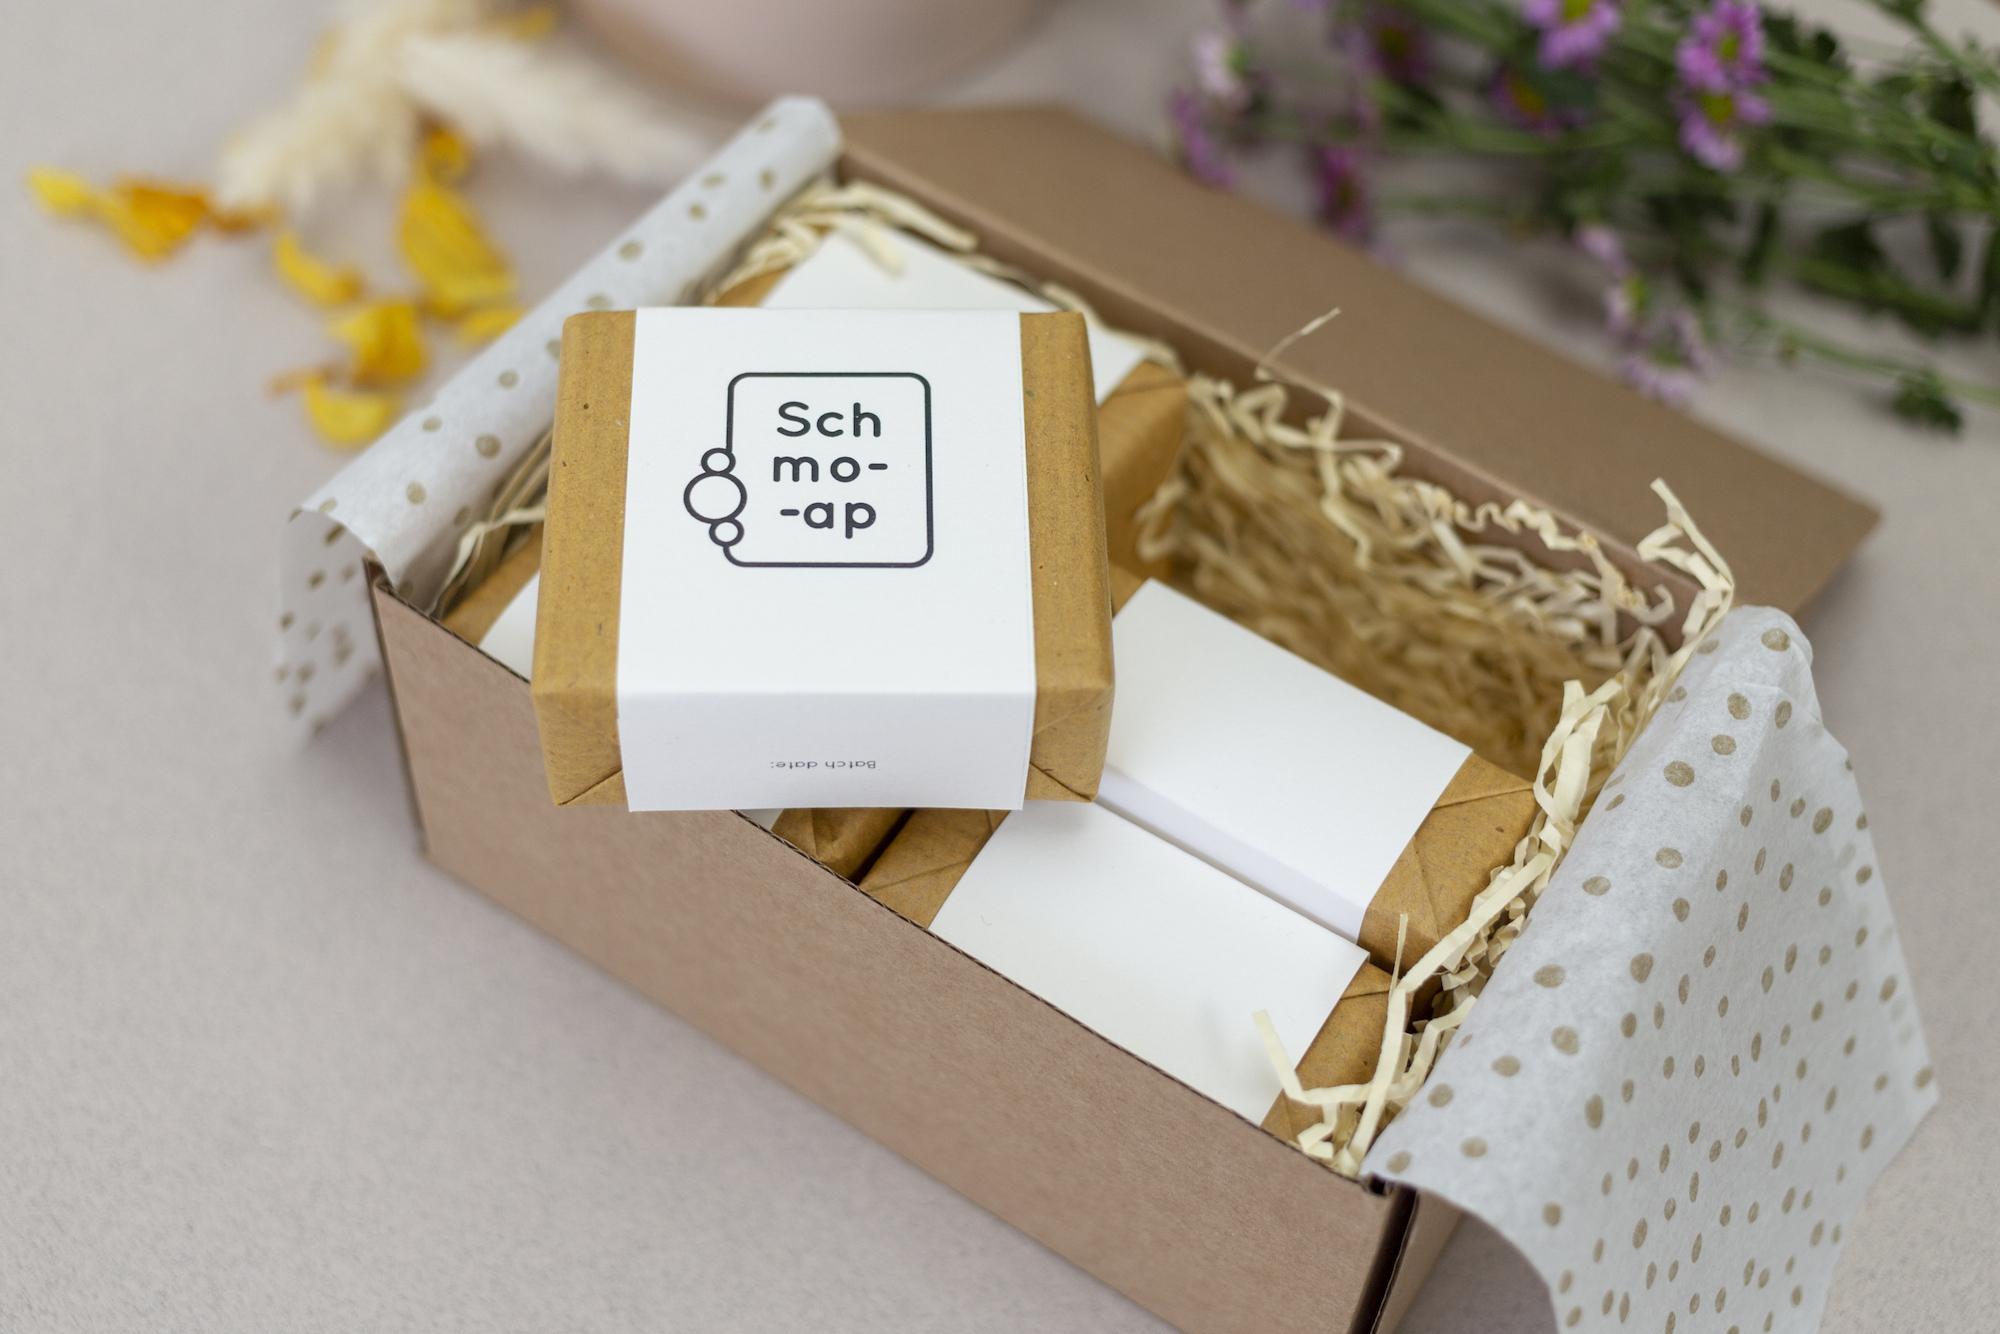 Bars of soap in Schmoap packaging